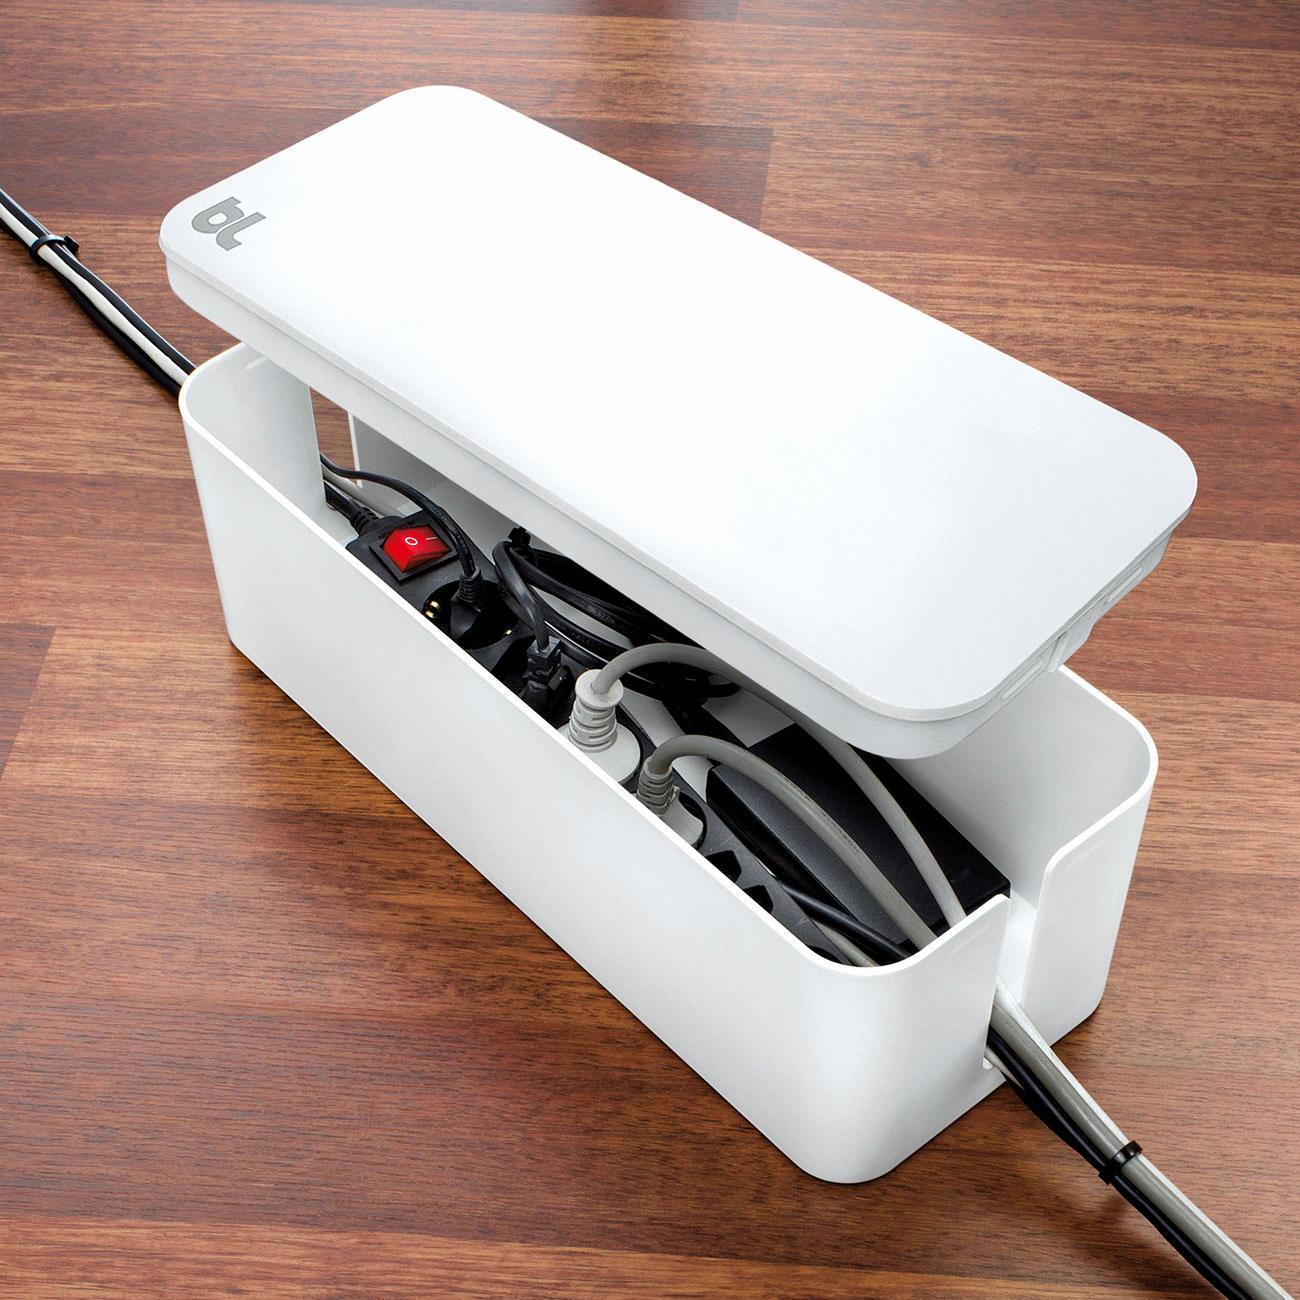 Cablebox kompakt oder cablebox mit 3 jahren garantie for Beistelltisch usb